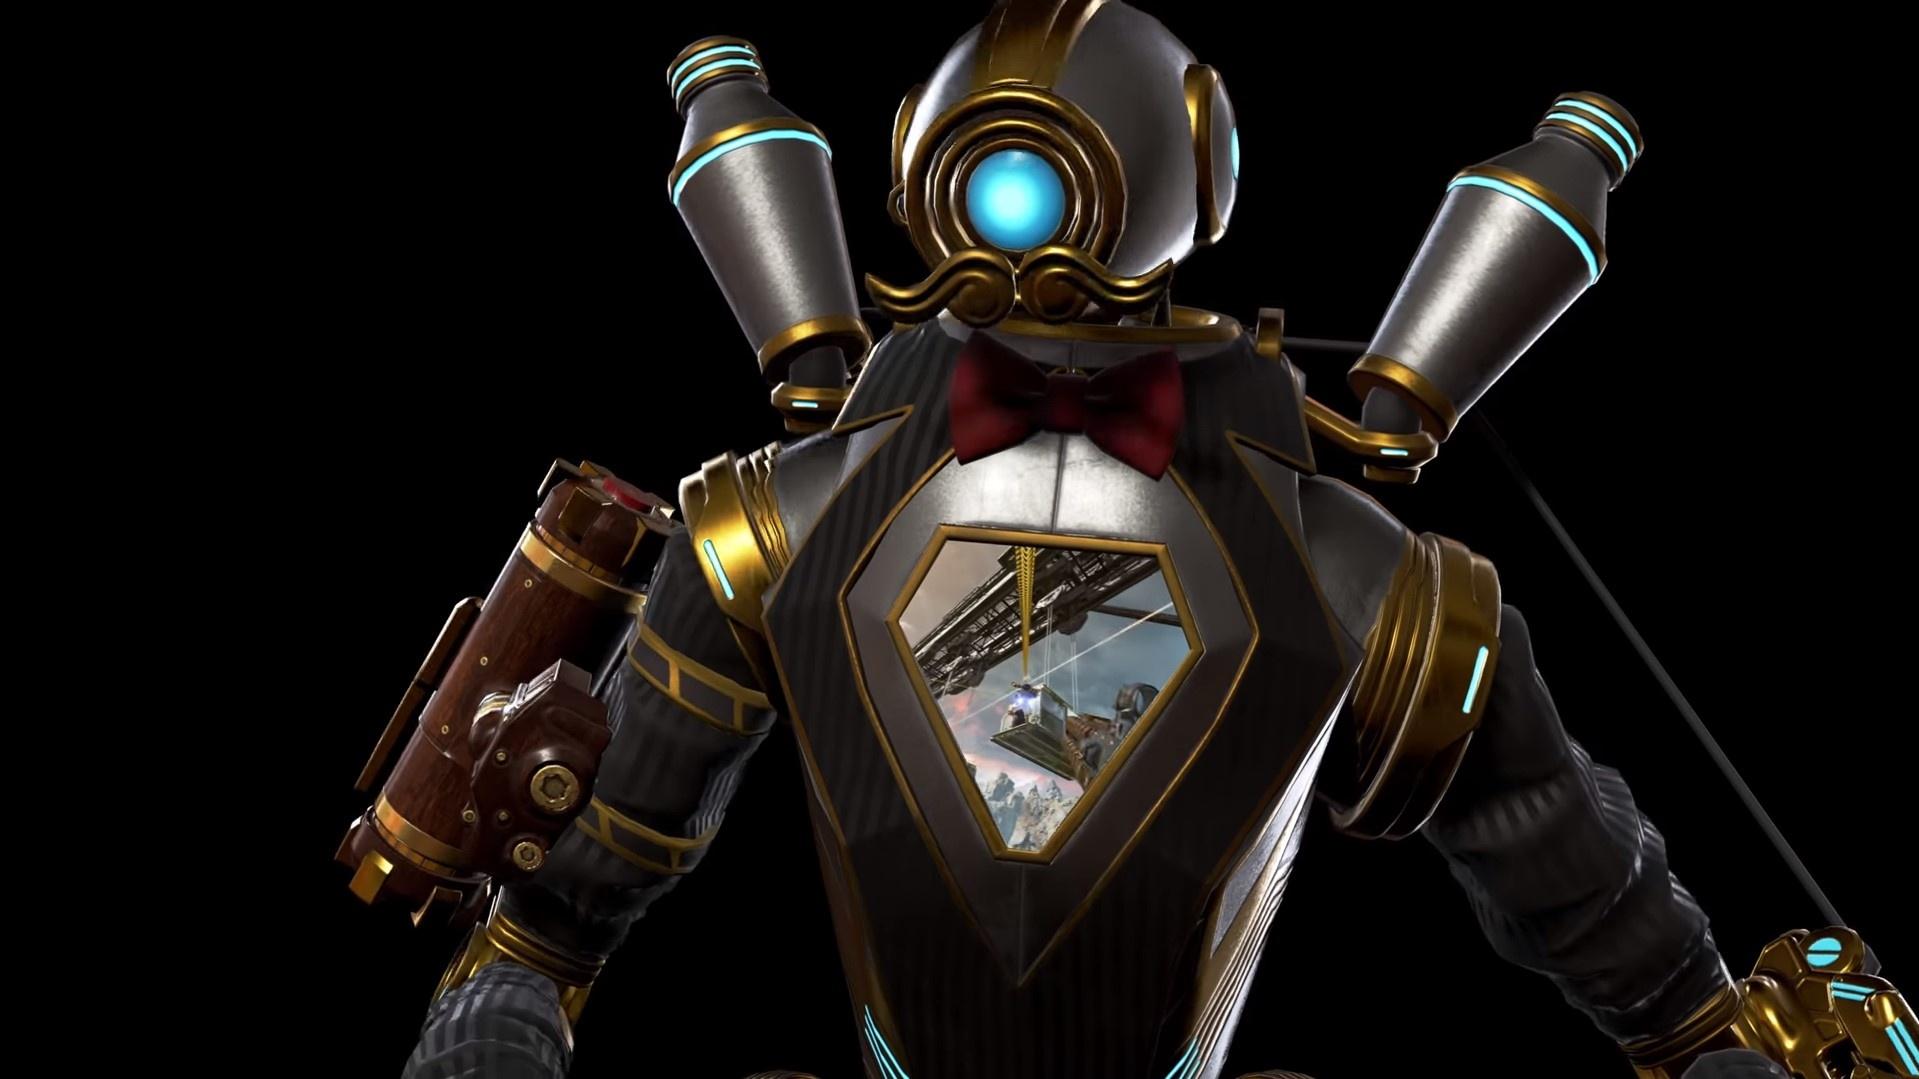 14 января в Apex Legends начнётся двухнедельное событие с7 новыми режимами